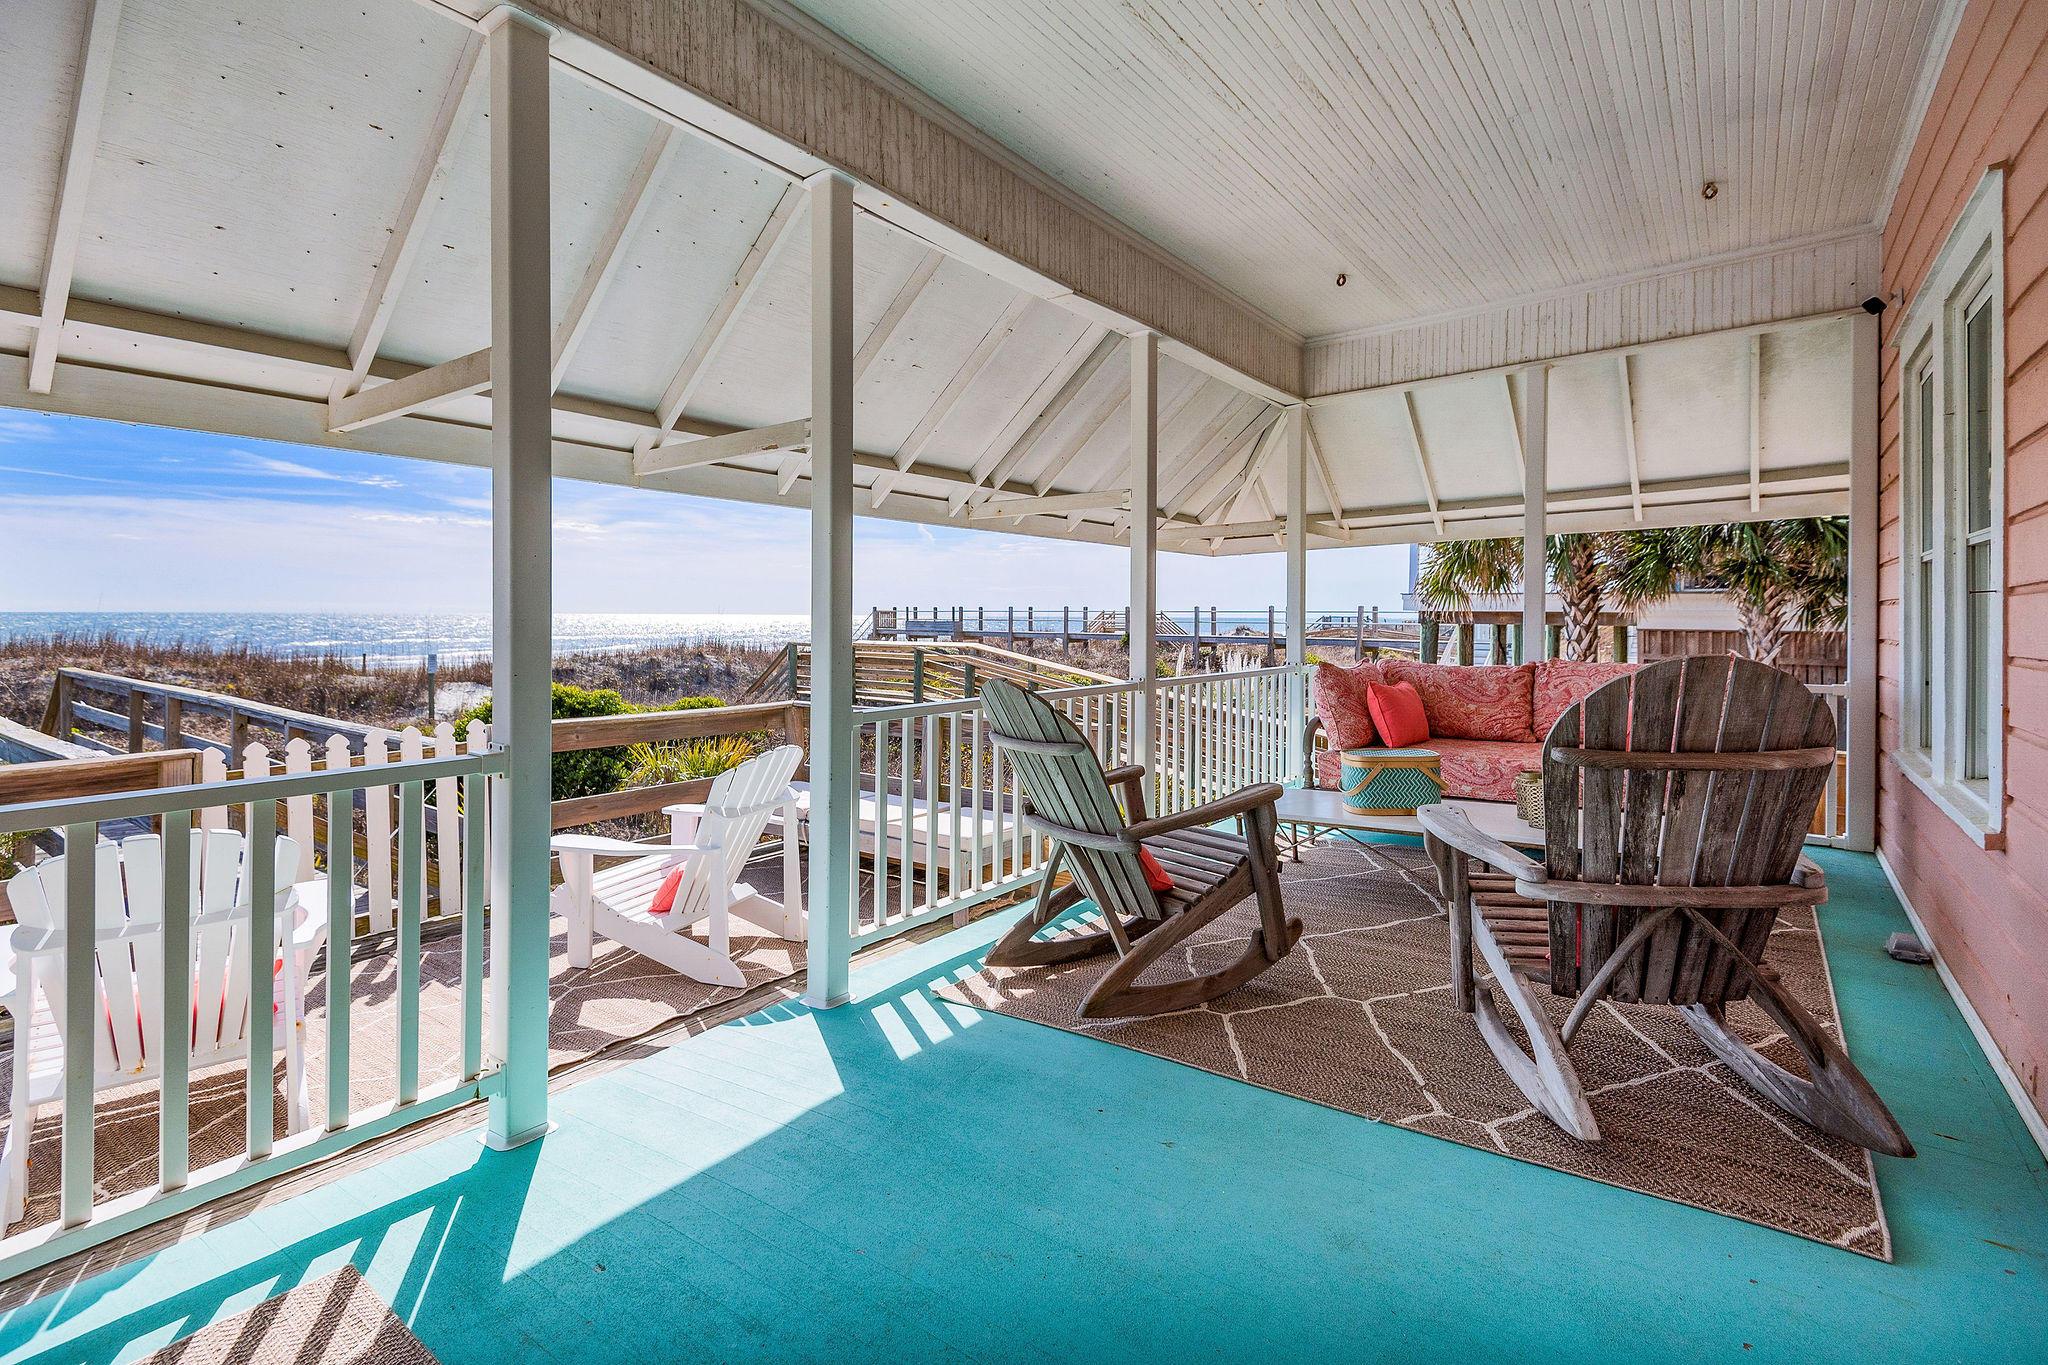 Folly Beach Homes For Sale - 509 Ashley, Folly Beach, SC - 61